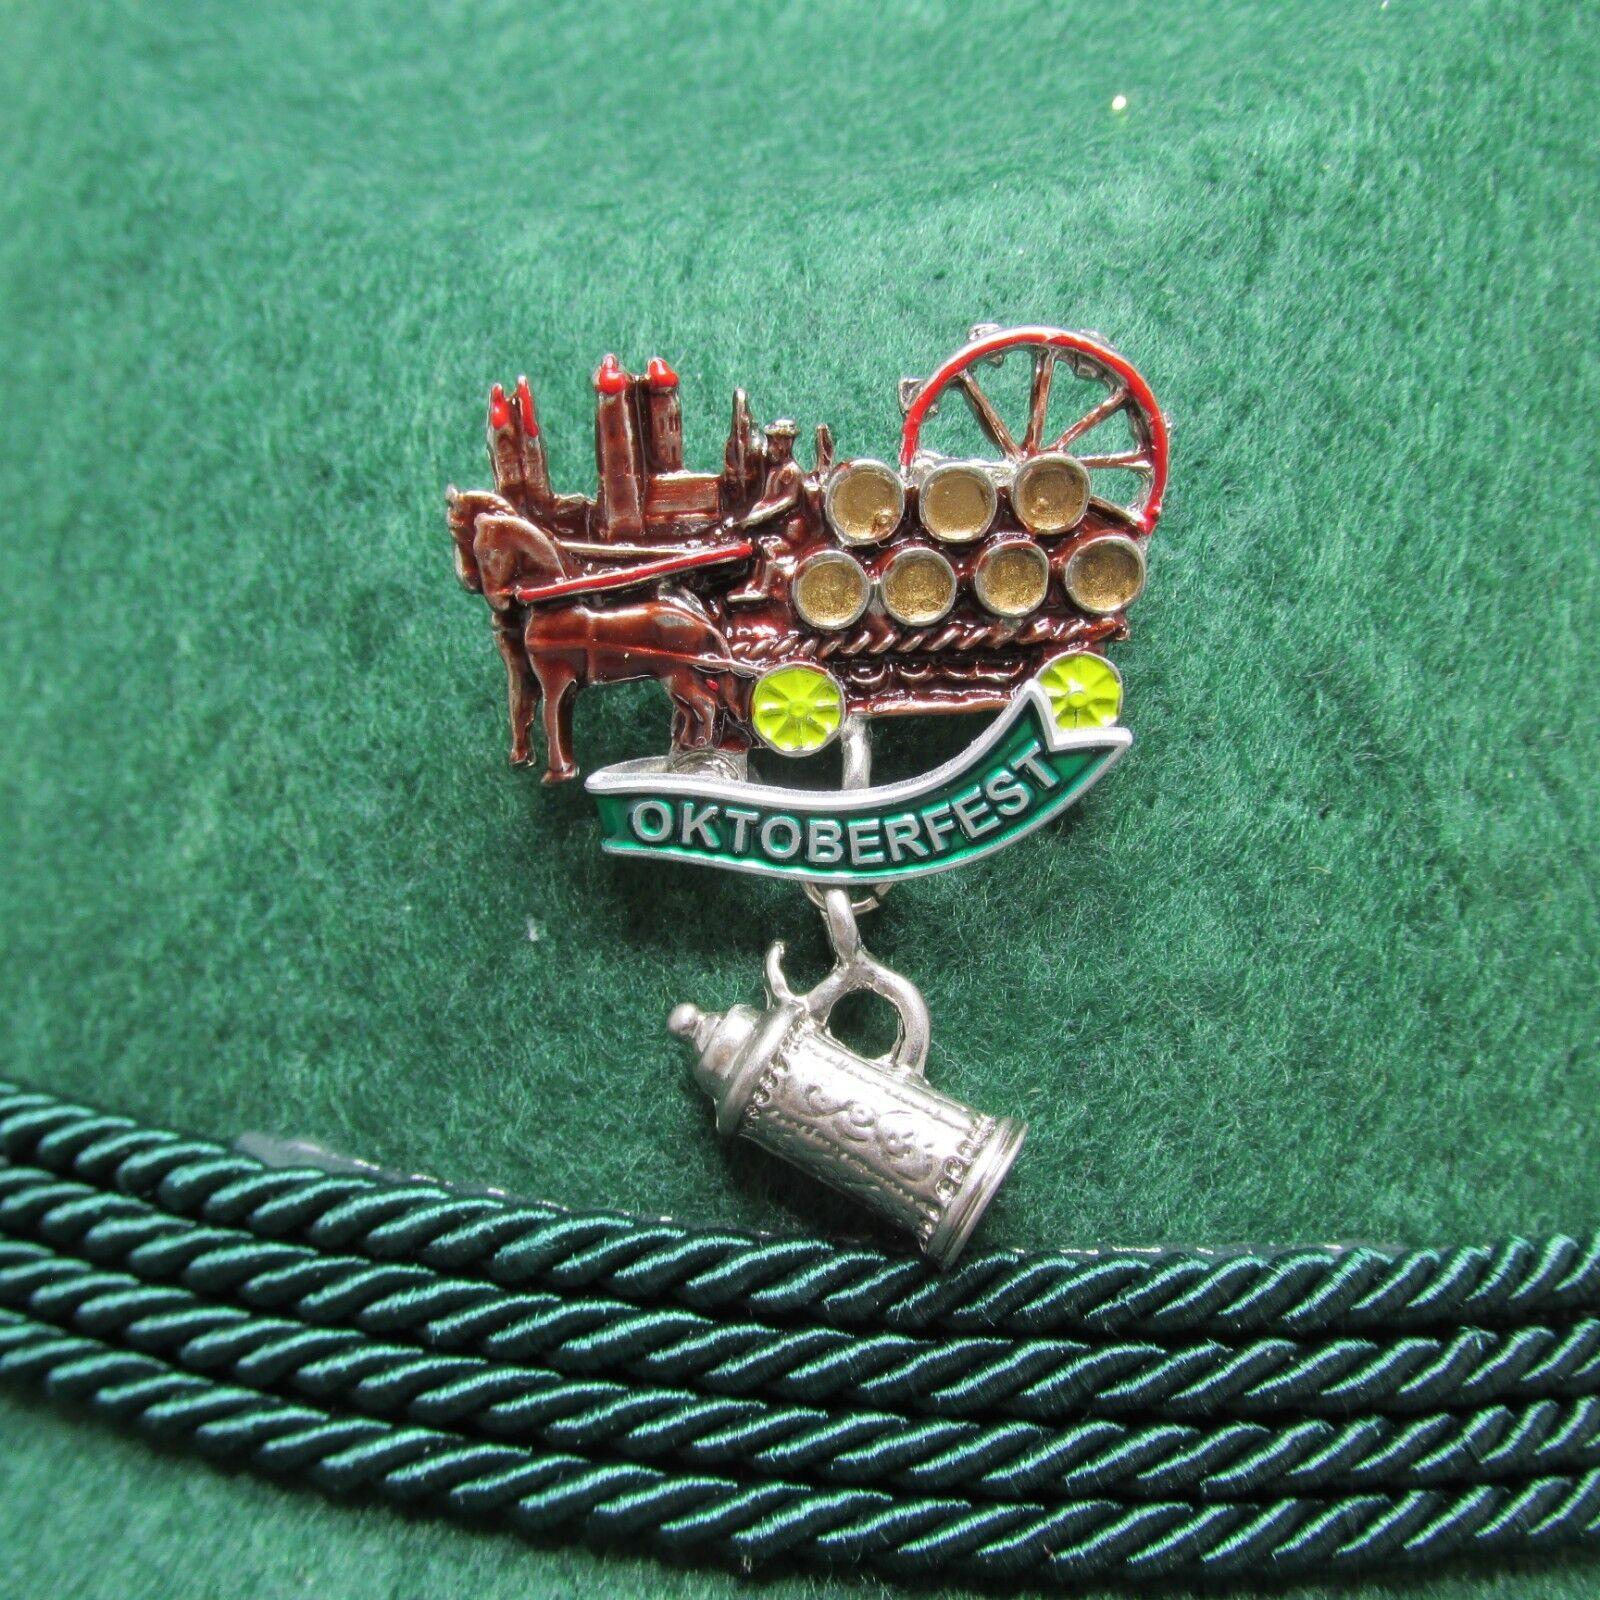 Oktoberfest Wagon with Beer Stein and Munich Scene Oktoberfest Hat Pin